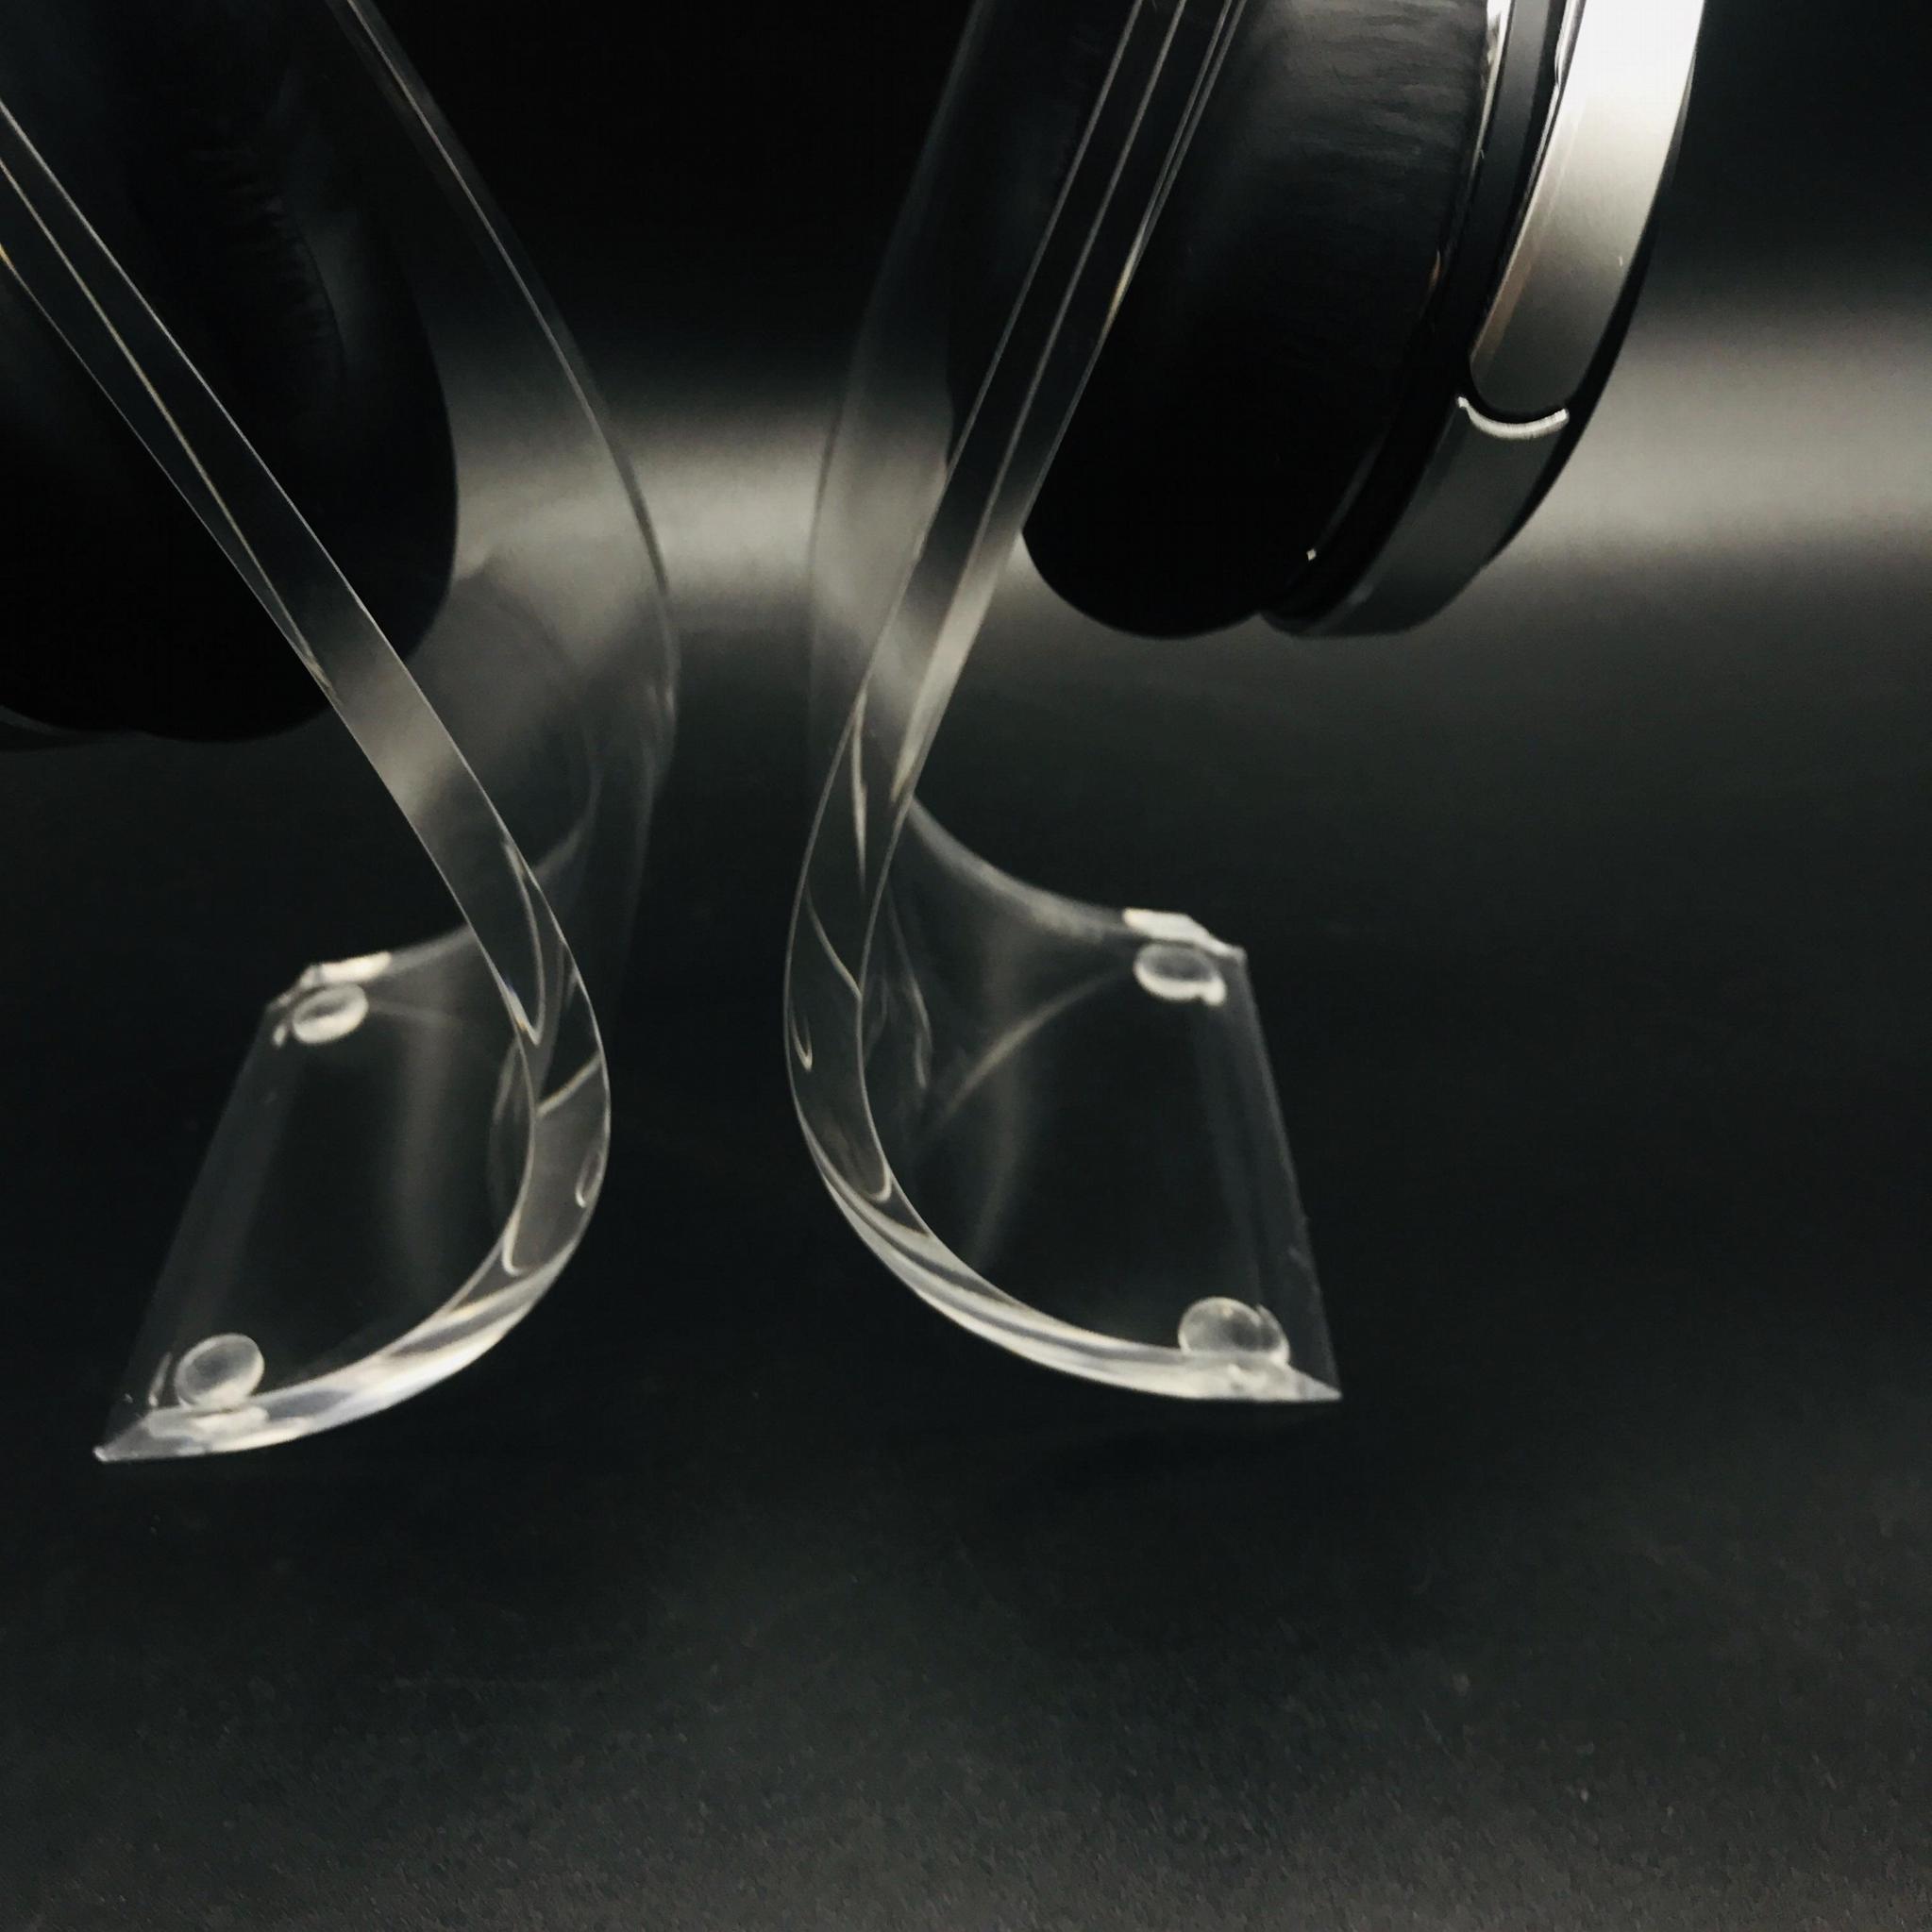 商场耳机展示架 亚克力耳机展示架 高光亮度耳机展示架 5